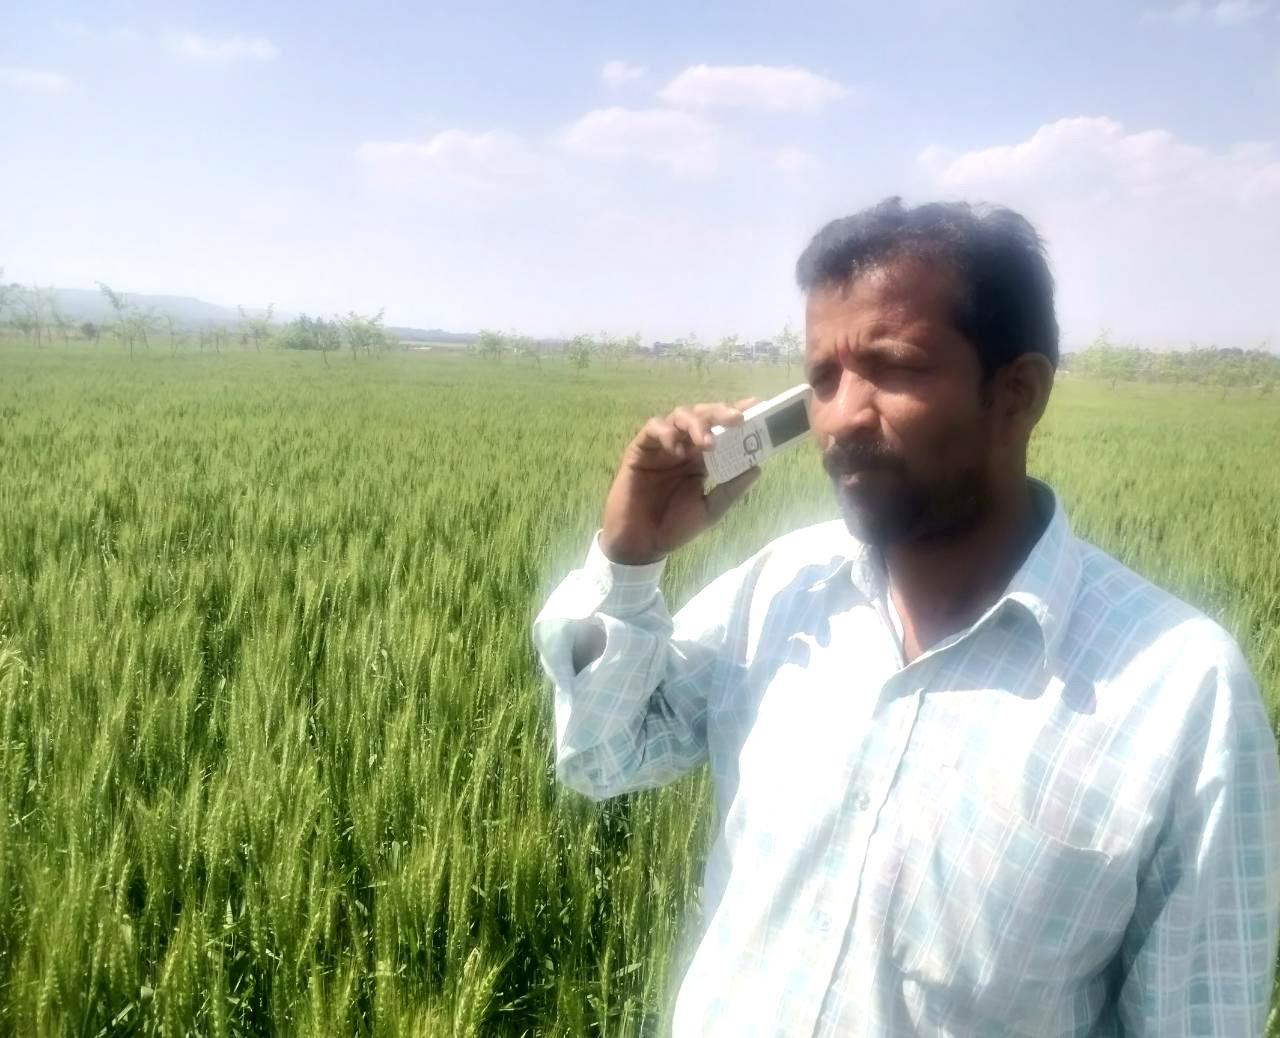 किसान मोबाइल संदेश सेवा से पहुंच रहे खेती संबंधी उपयोगी संदेश, विशेषज्ञों से चुनौतियों का कर रहे वैज्ञानिक हल